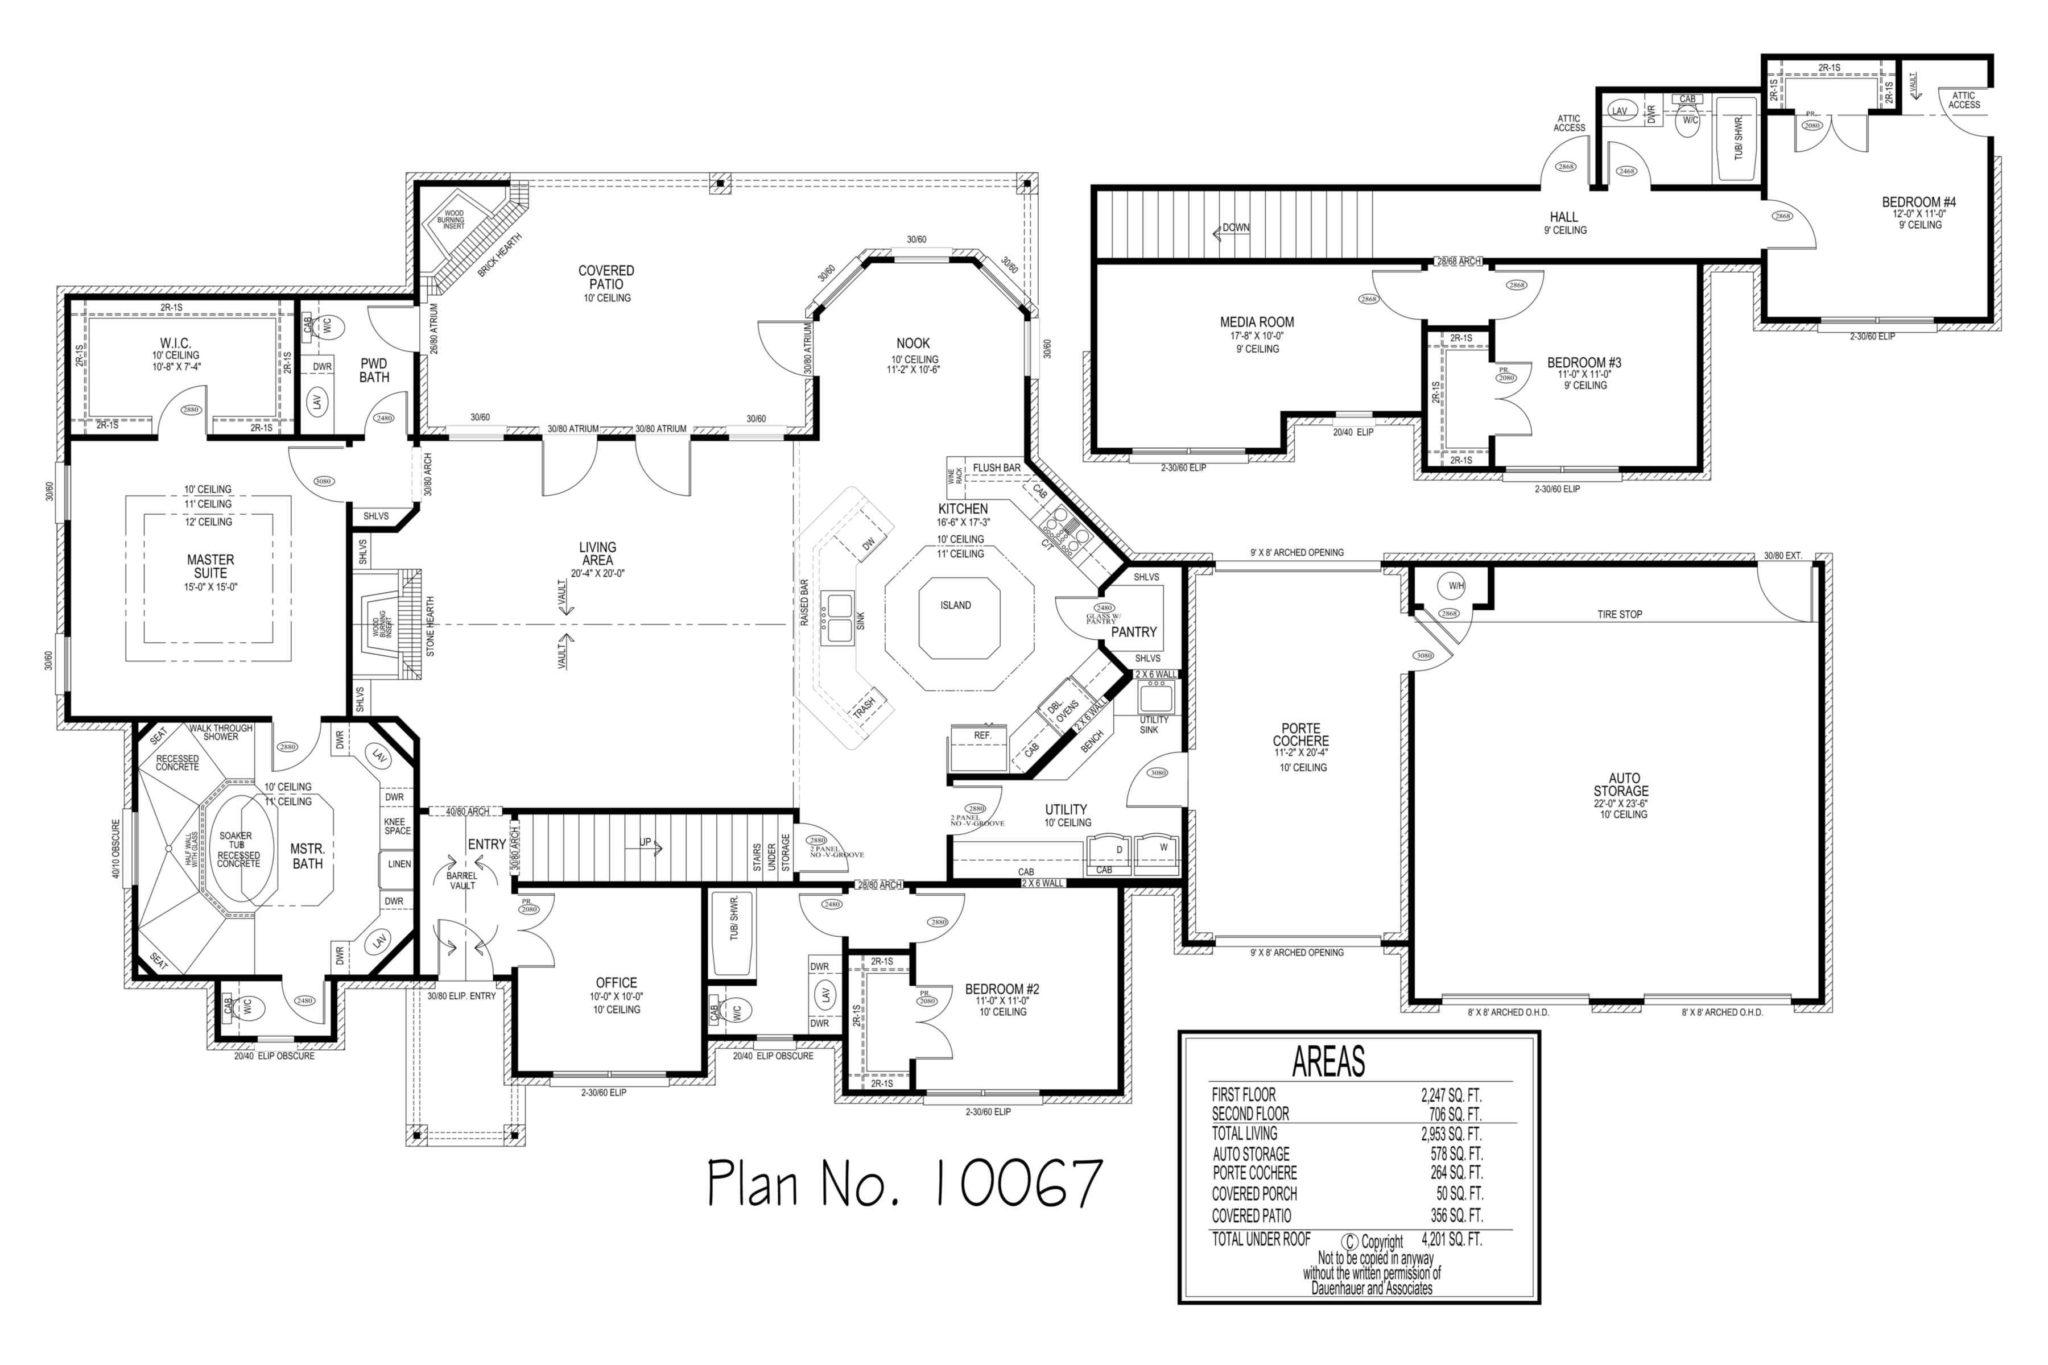 house-plan-P10067P-floor